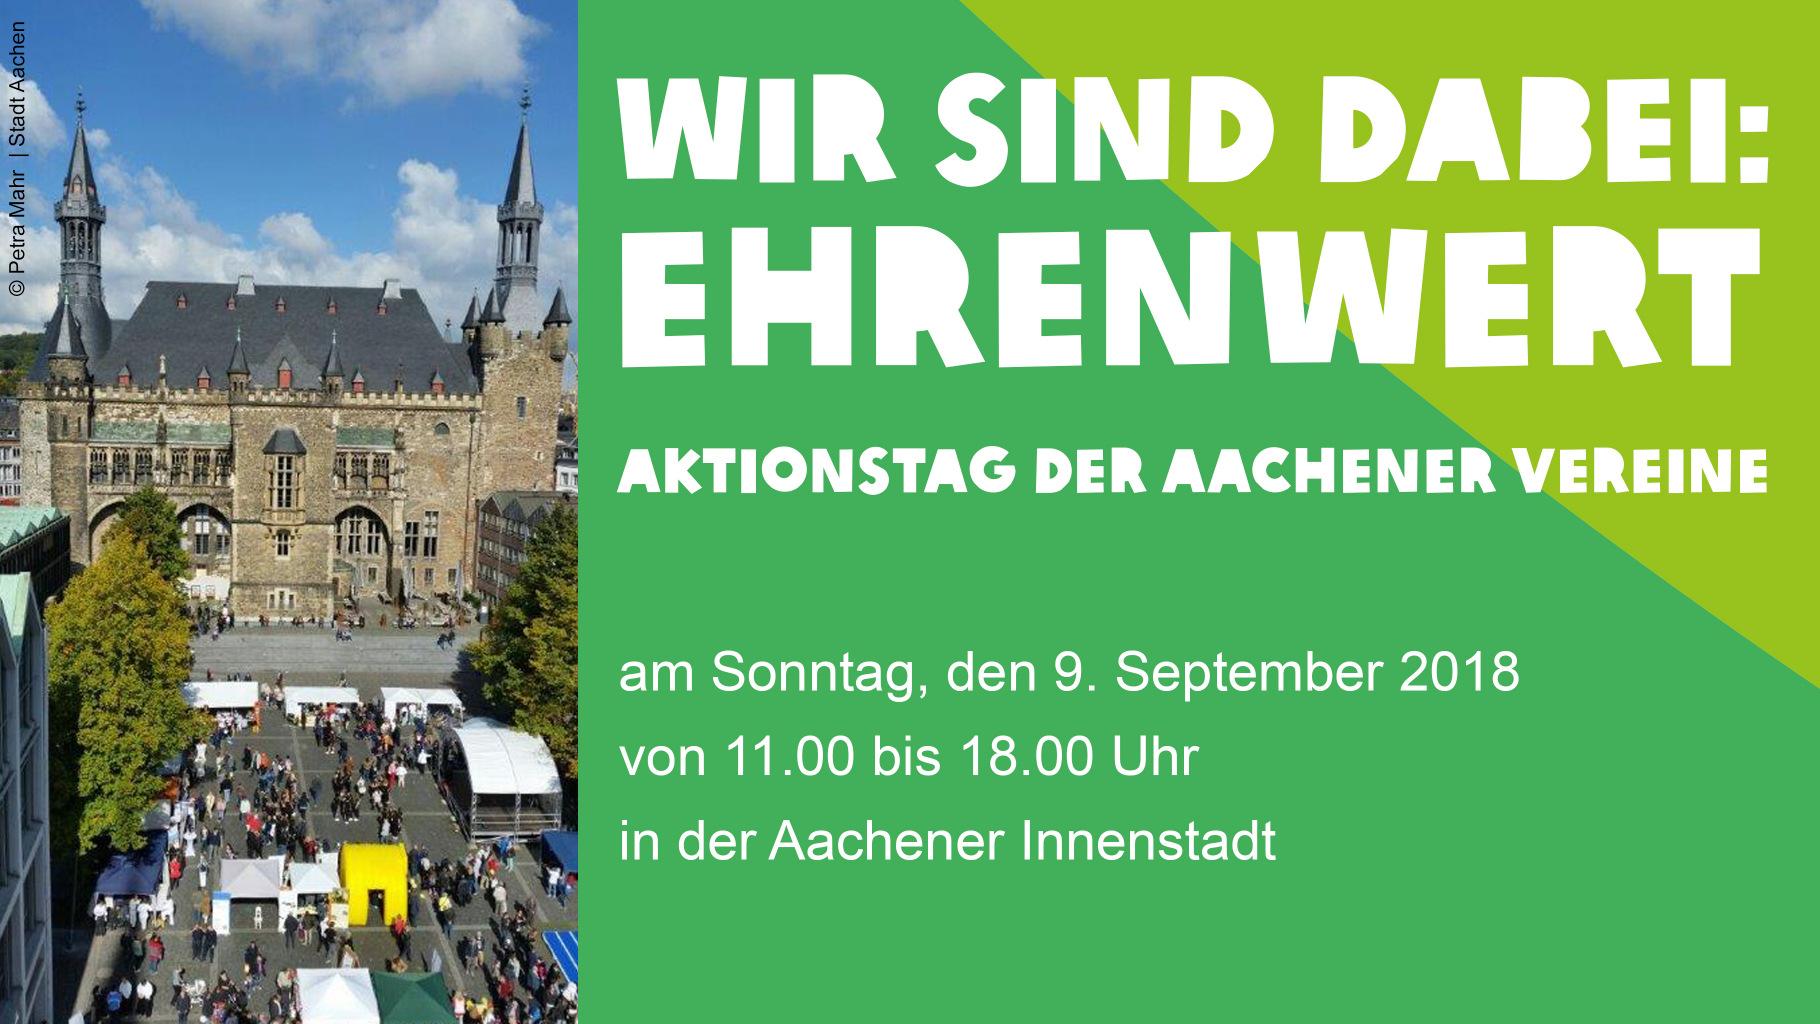 Ehrenamtliche aus dem Oxfam Shop Aachen machen beim Aktionstag Ehrenwert mit